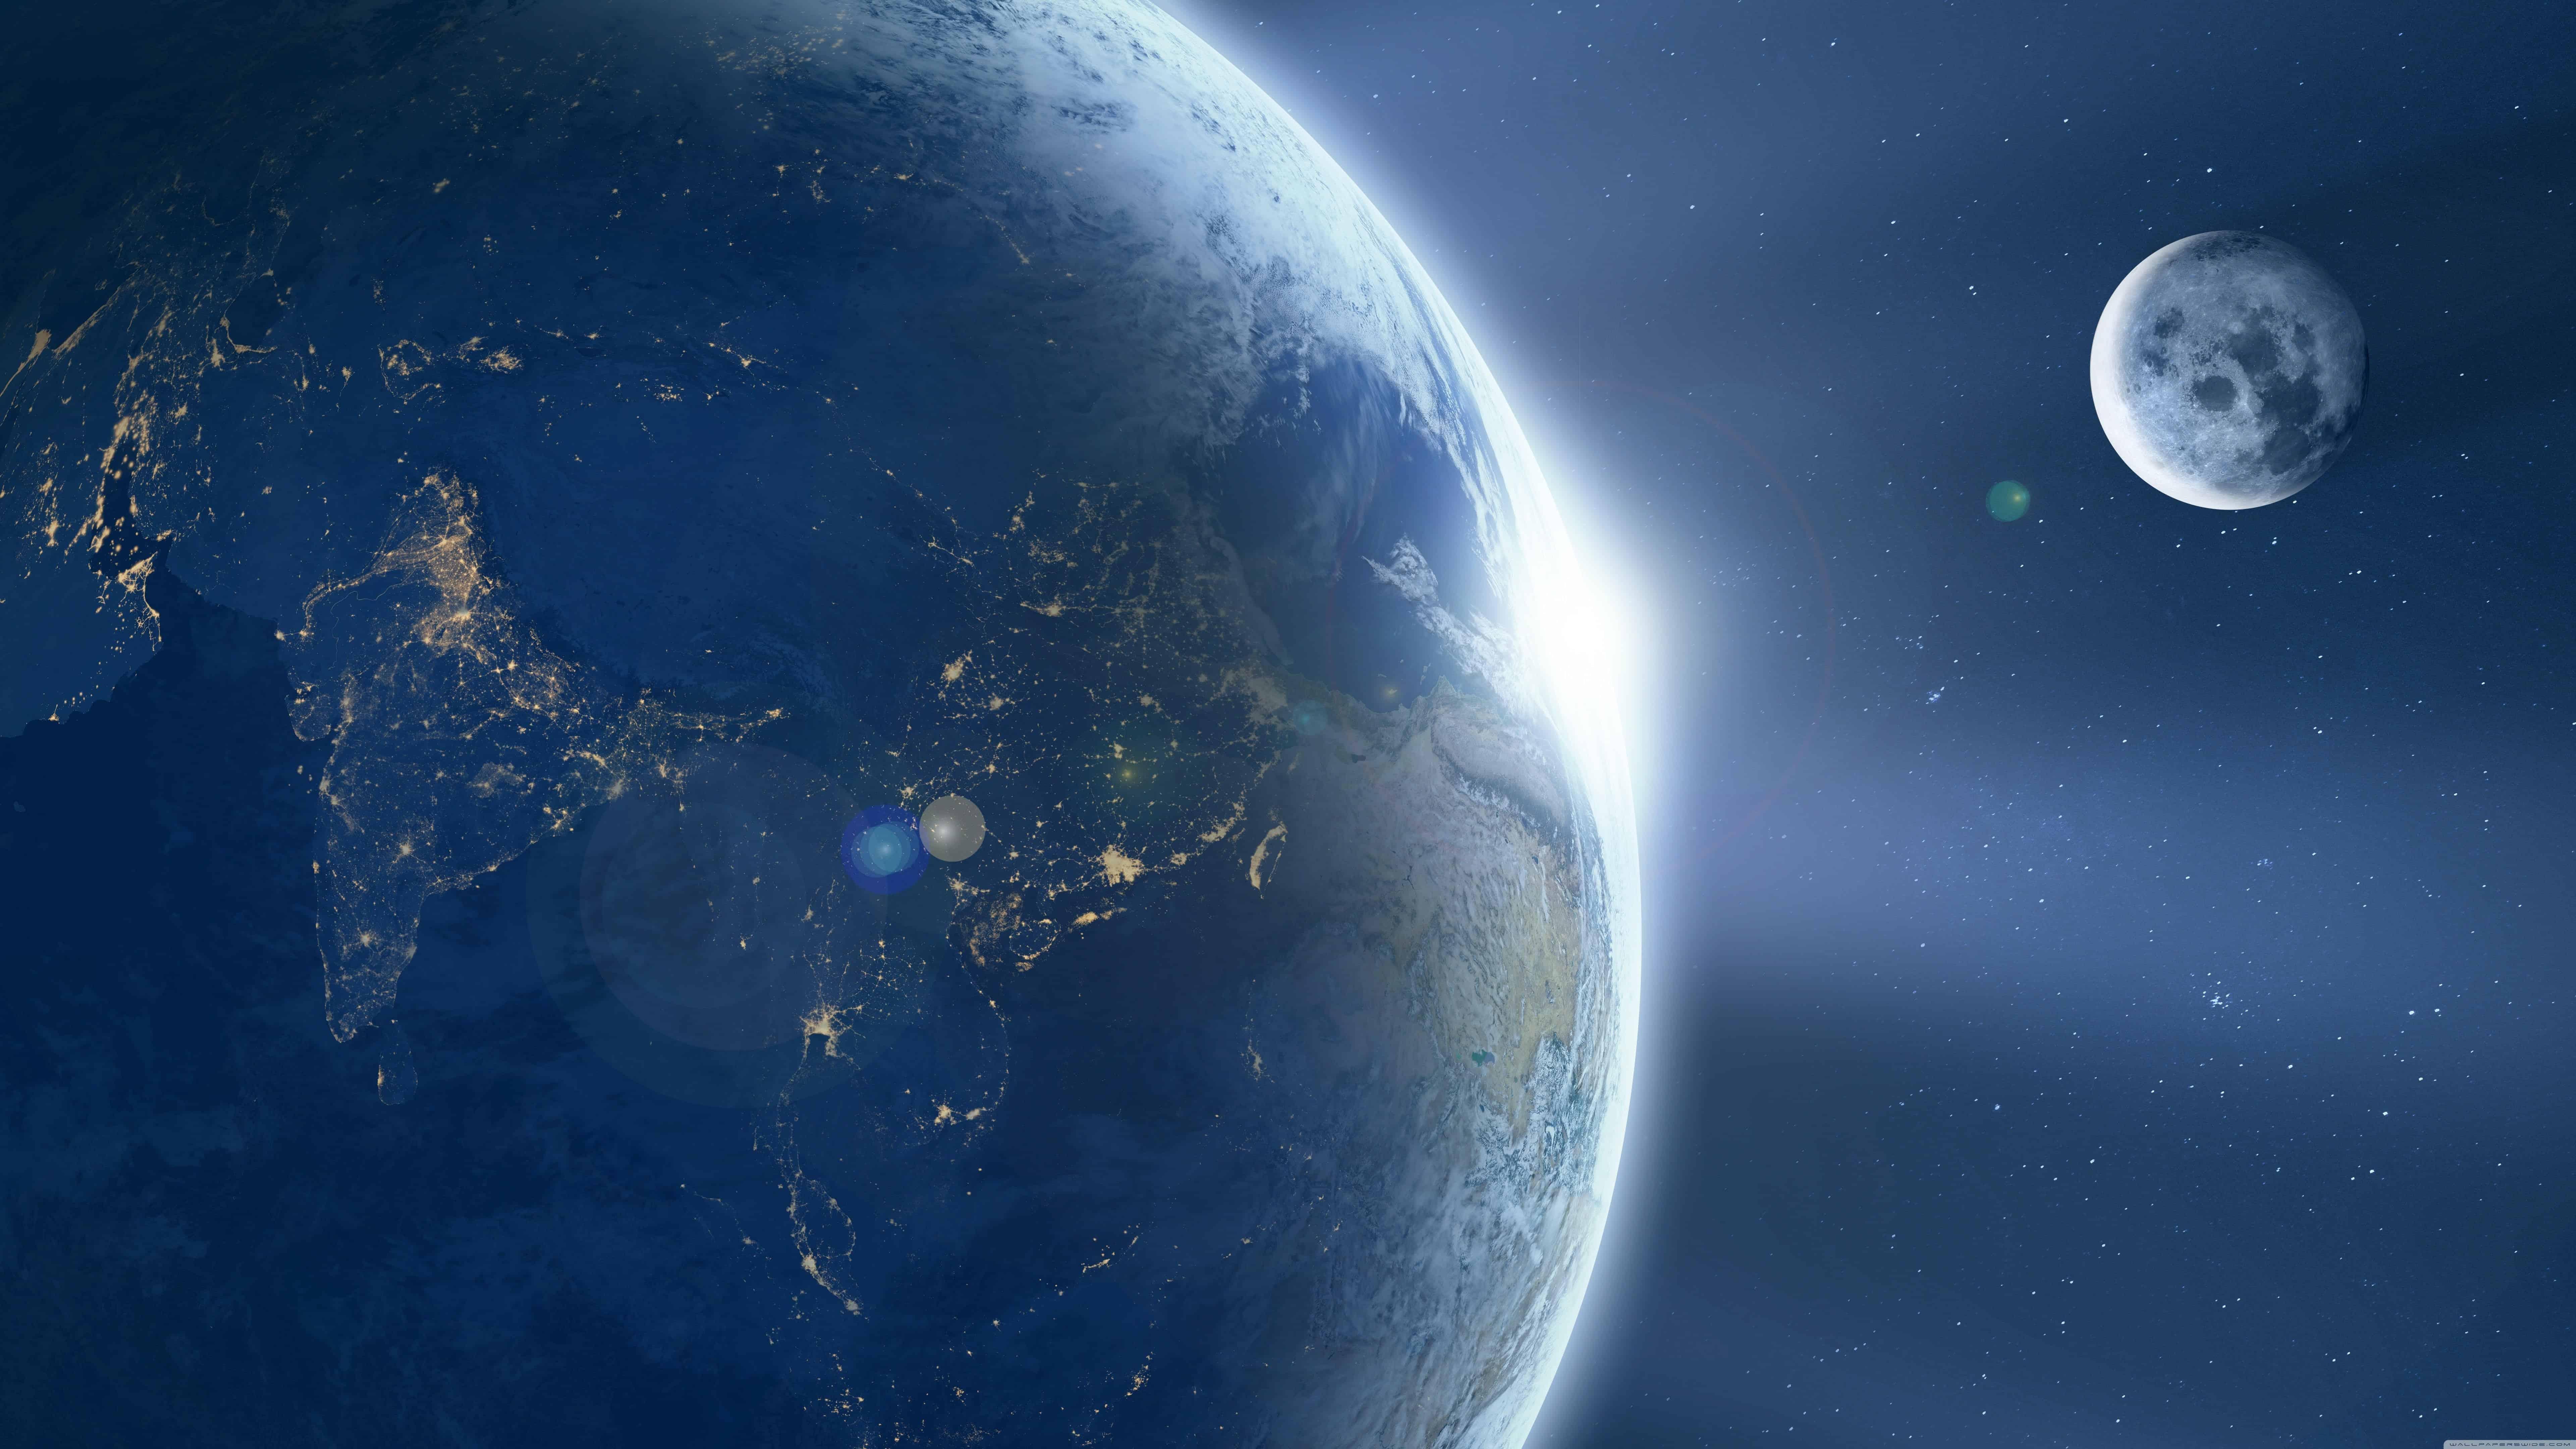 moon orbiting earth uhd 8k wallpaper